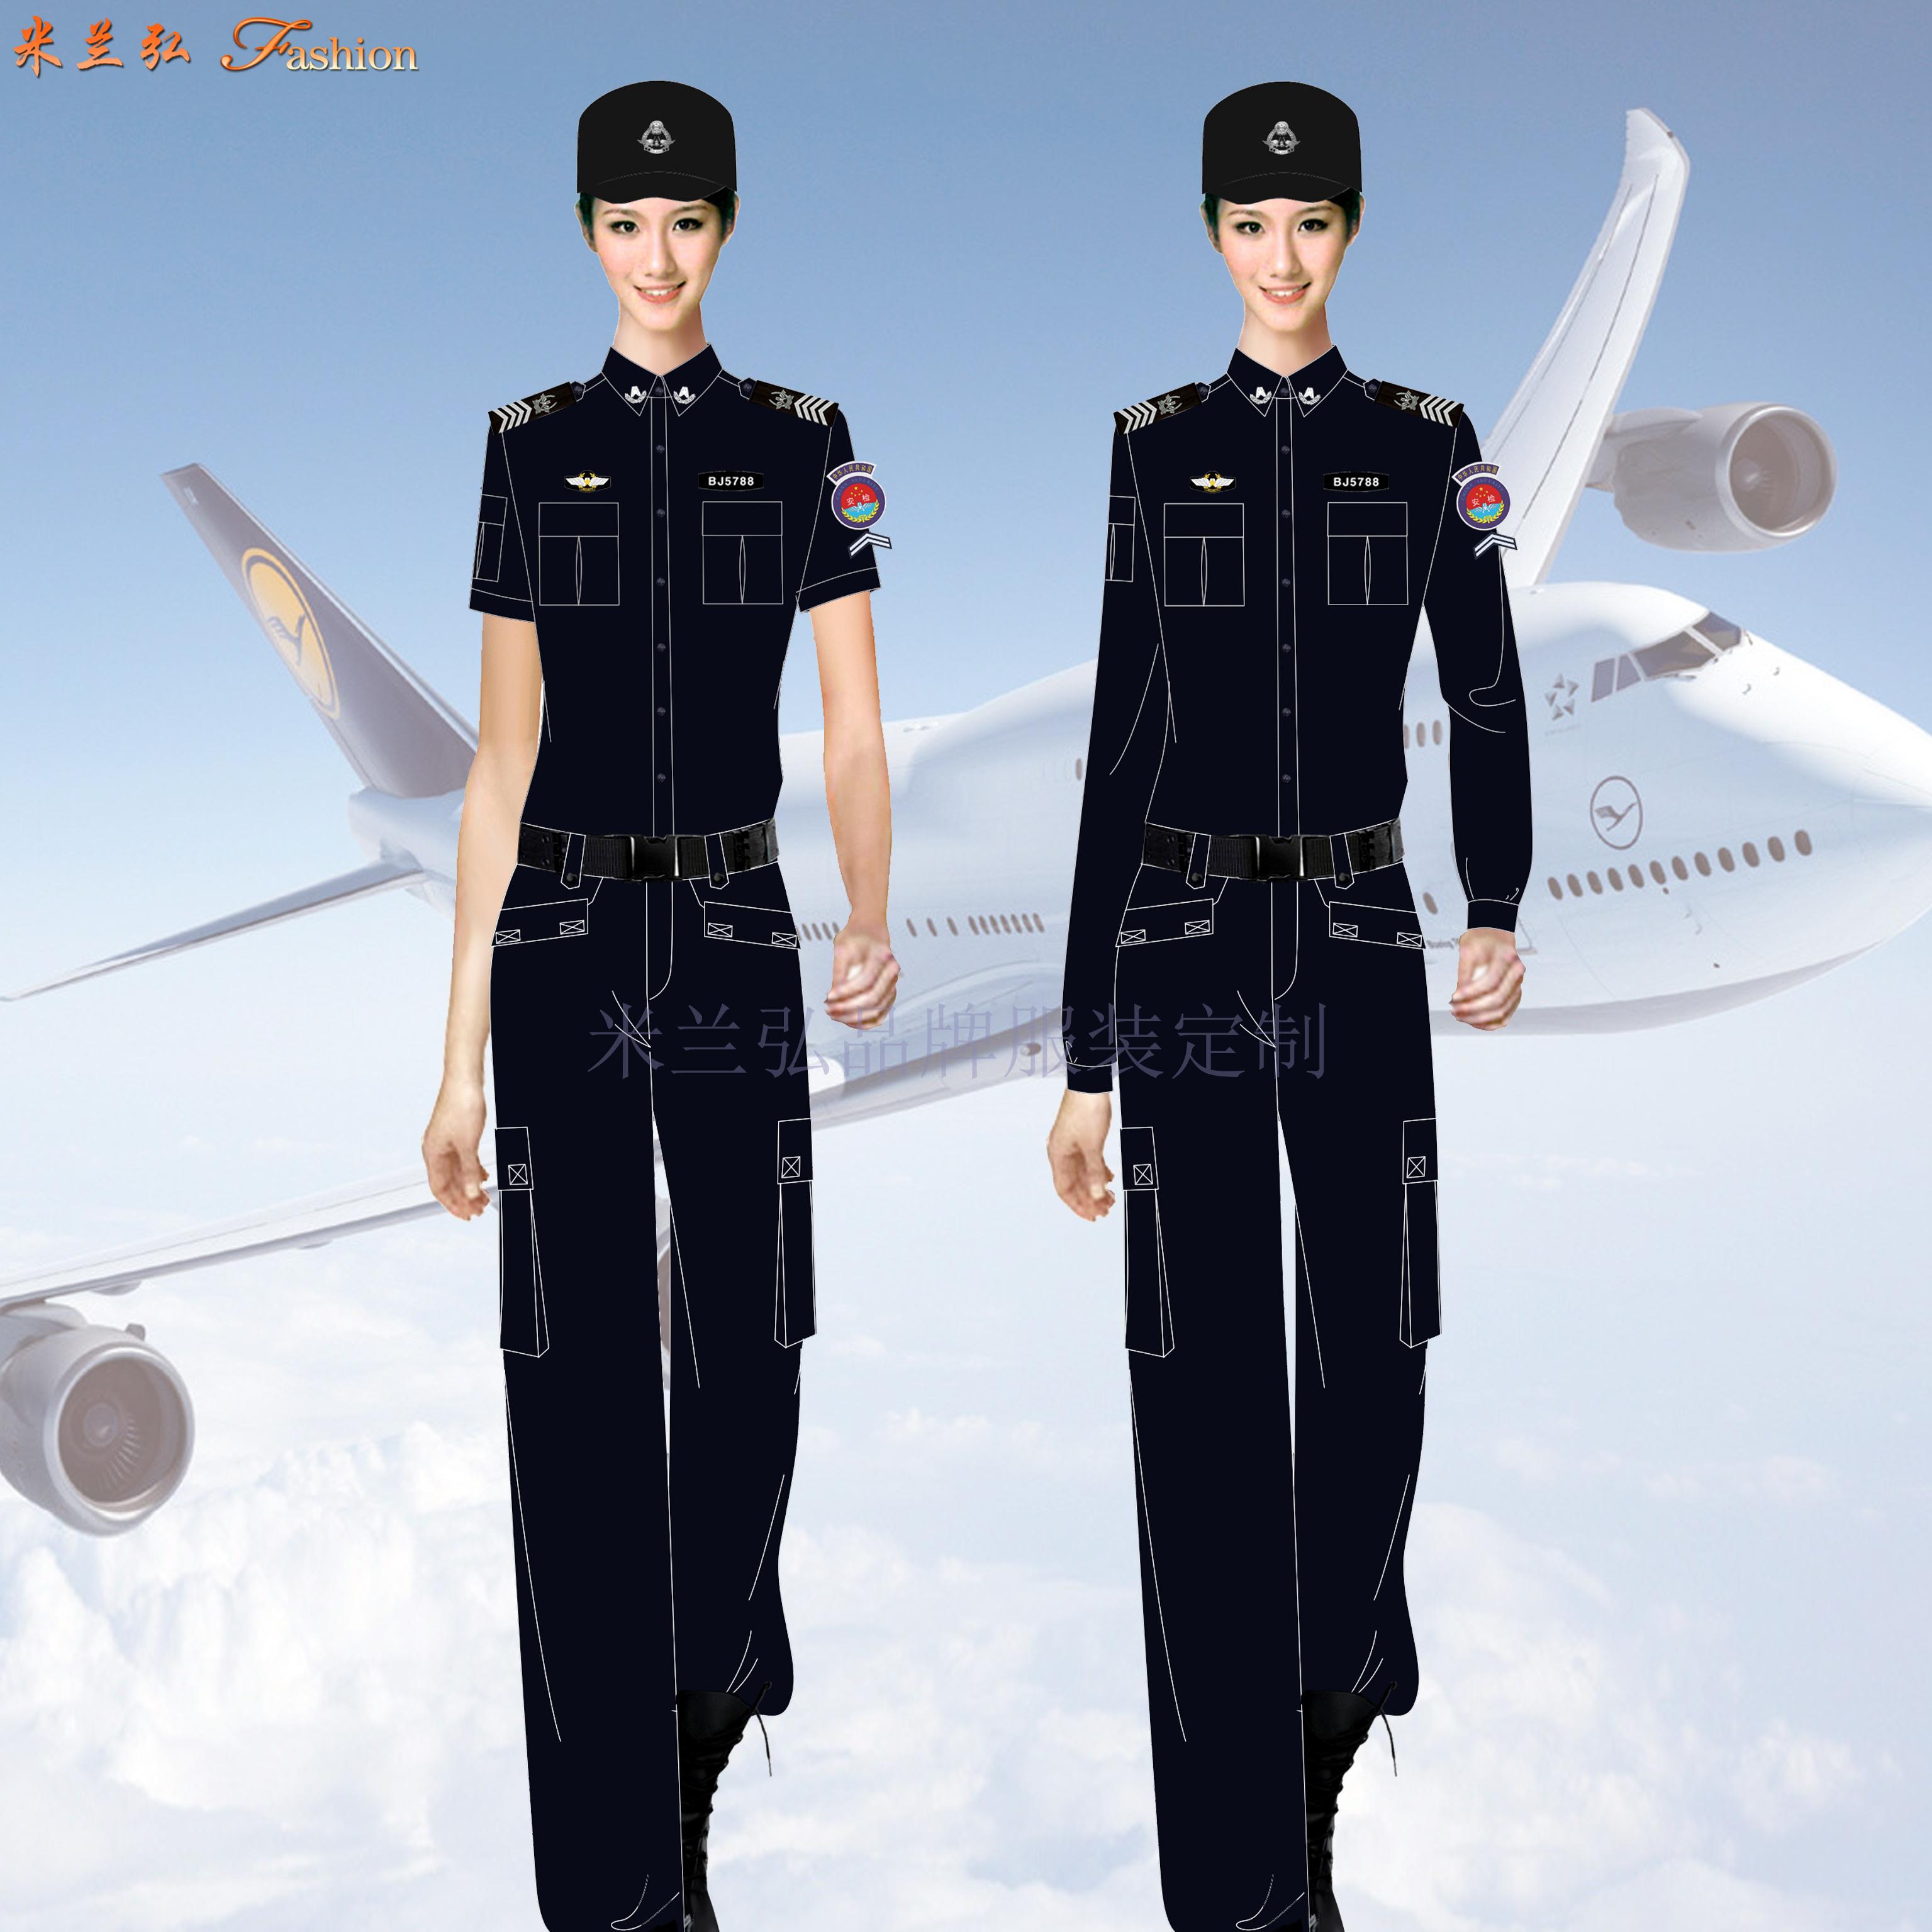 「北京安檢服訂做」「地鐵安檢服定作」「城軌安檢服定製」👍-4